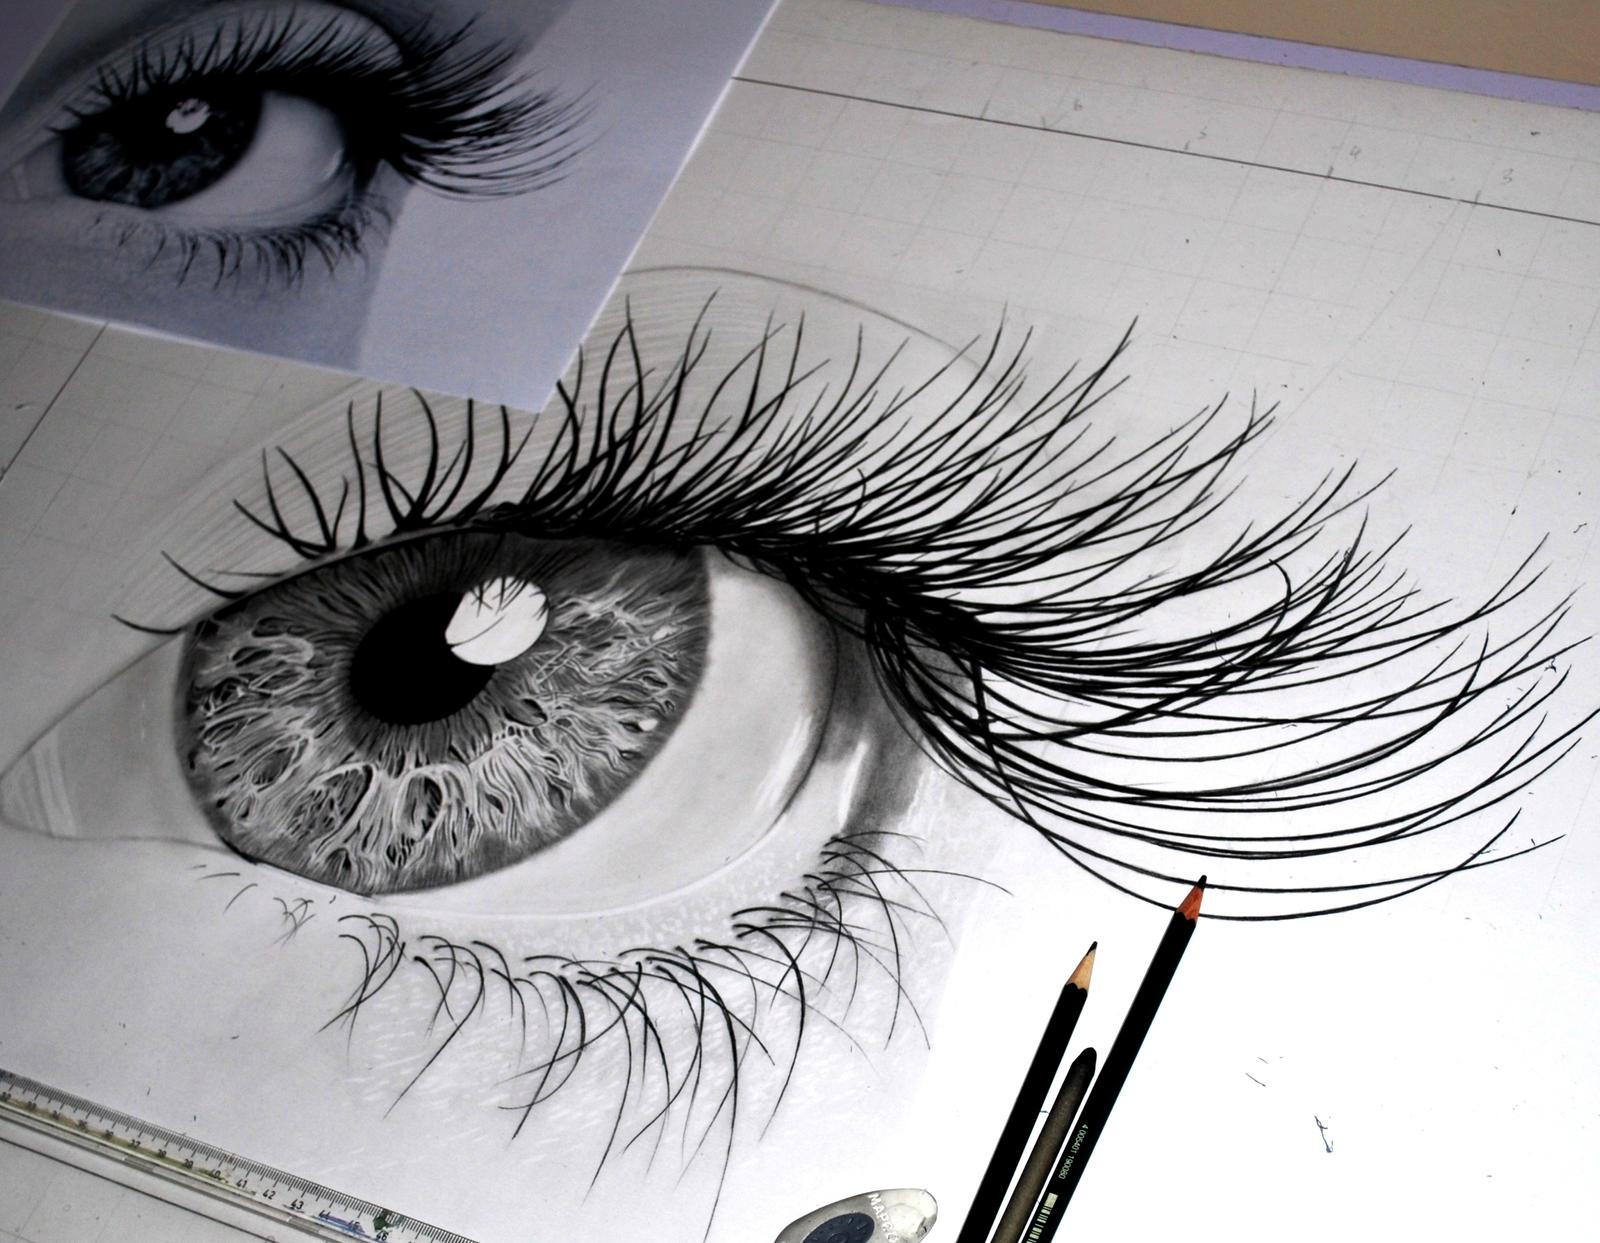 The Ultimate Eye! (WIP) by Paul-Shanghai